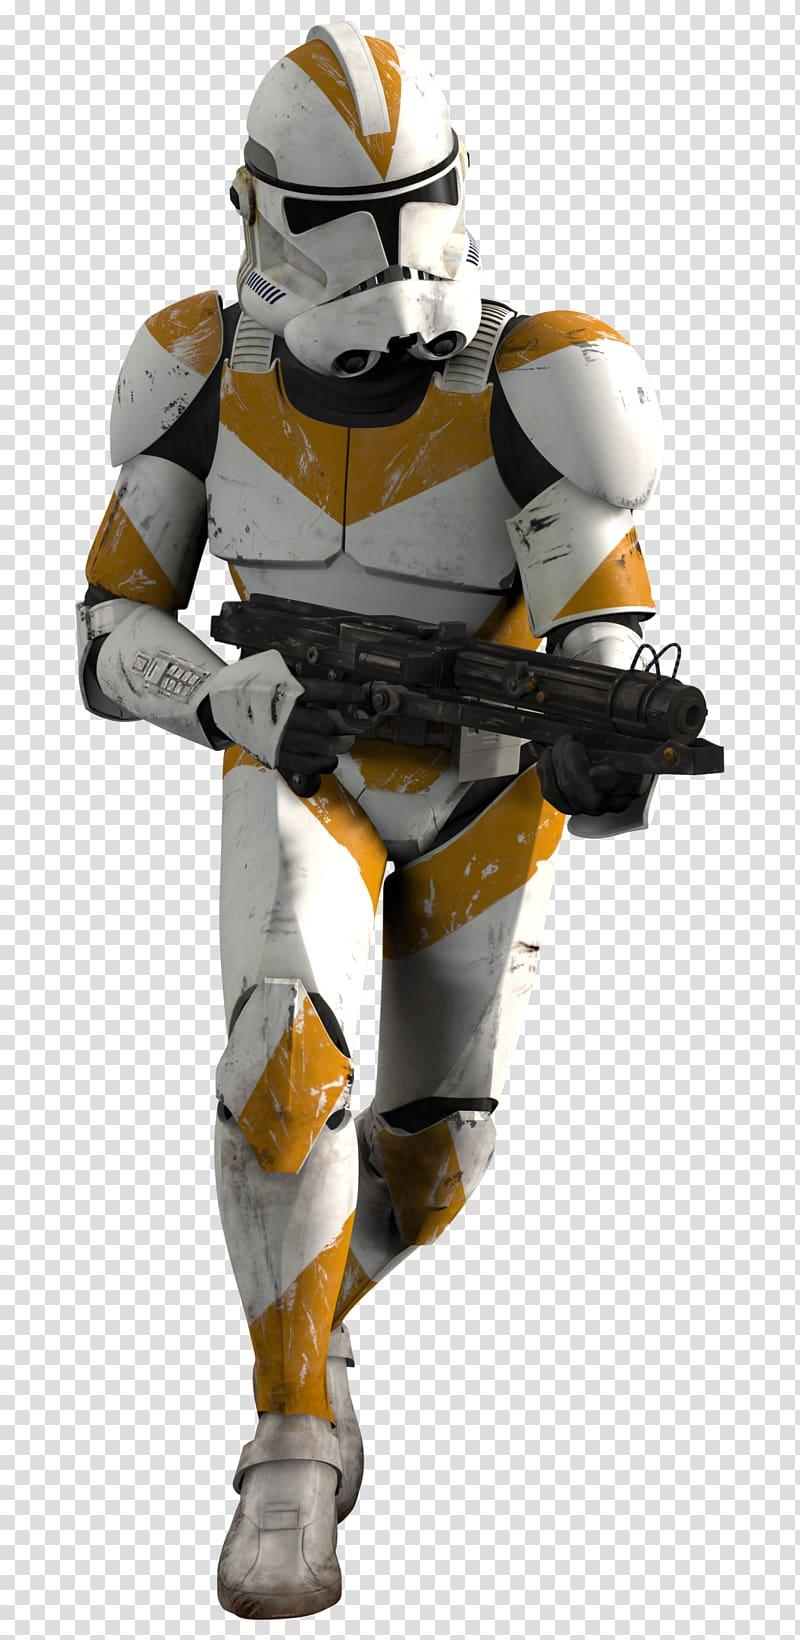 Clone trooper Obi.